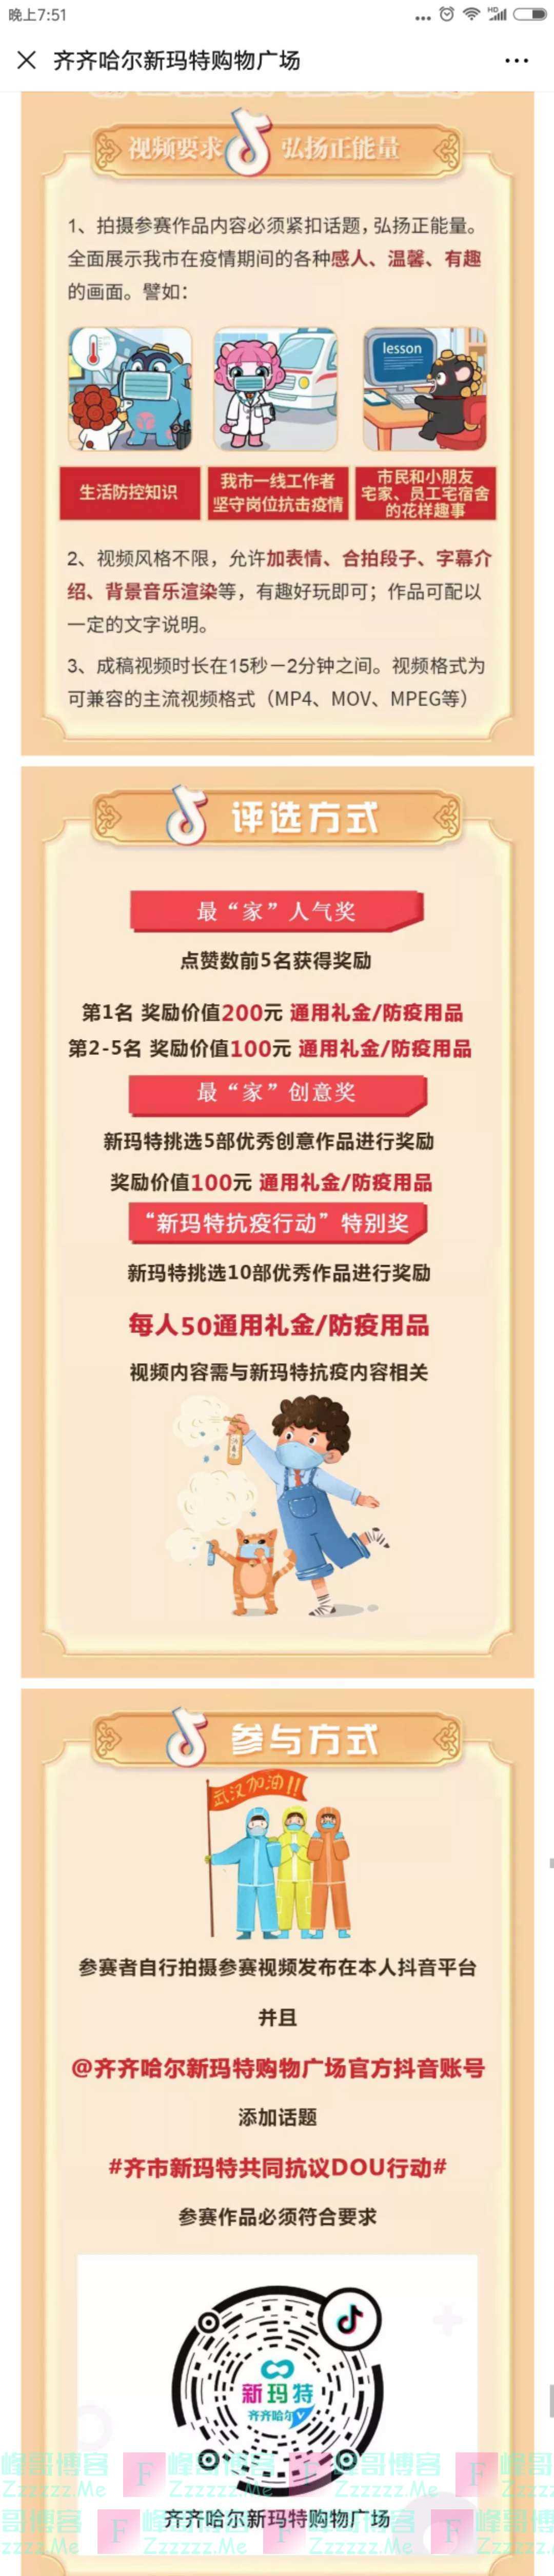 齐齐哈尔新玛特购物广场暖心抗疫 花式宅家(截止2月28日)